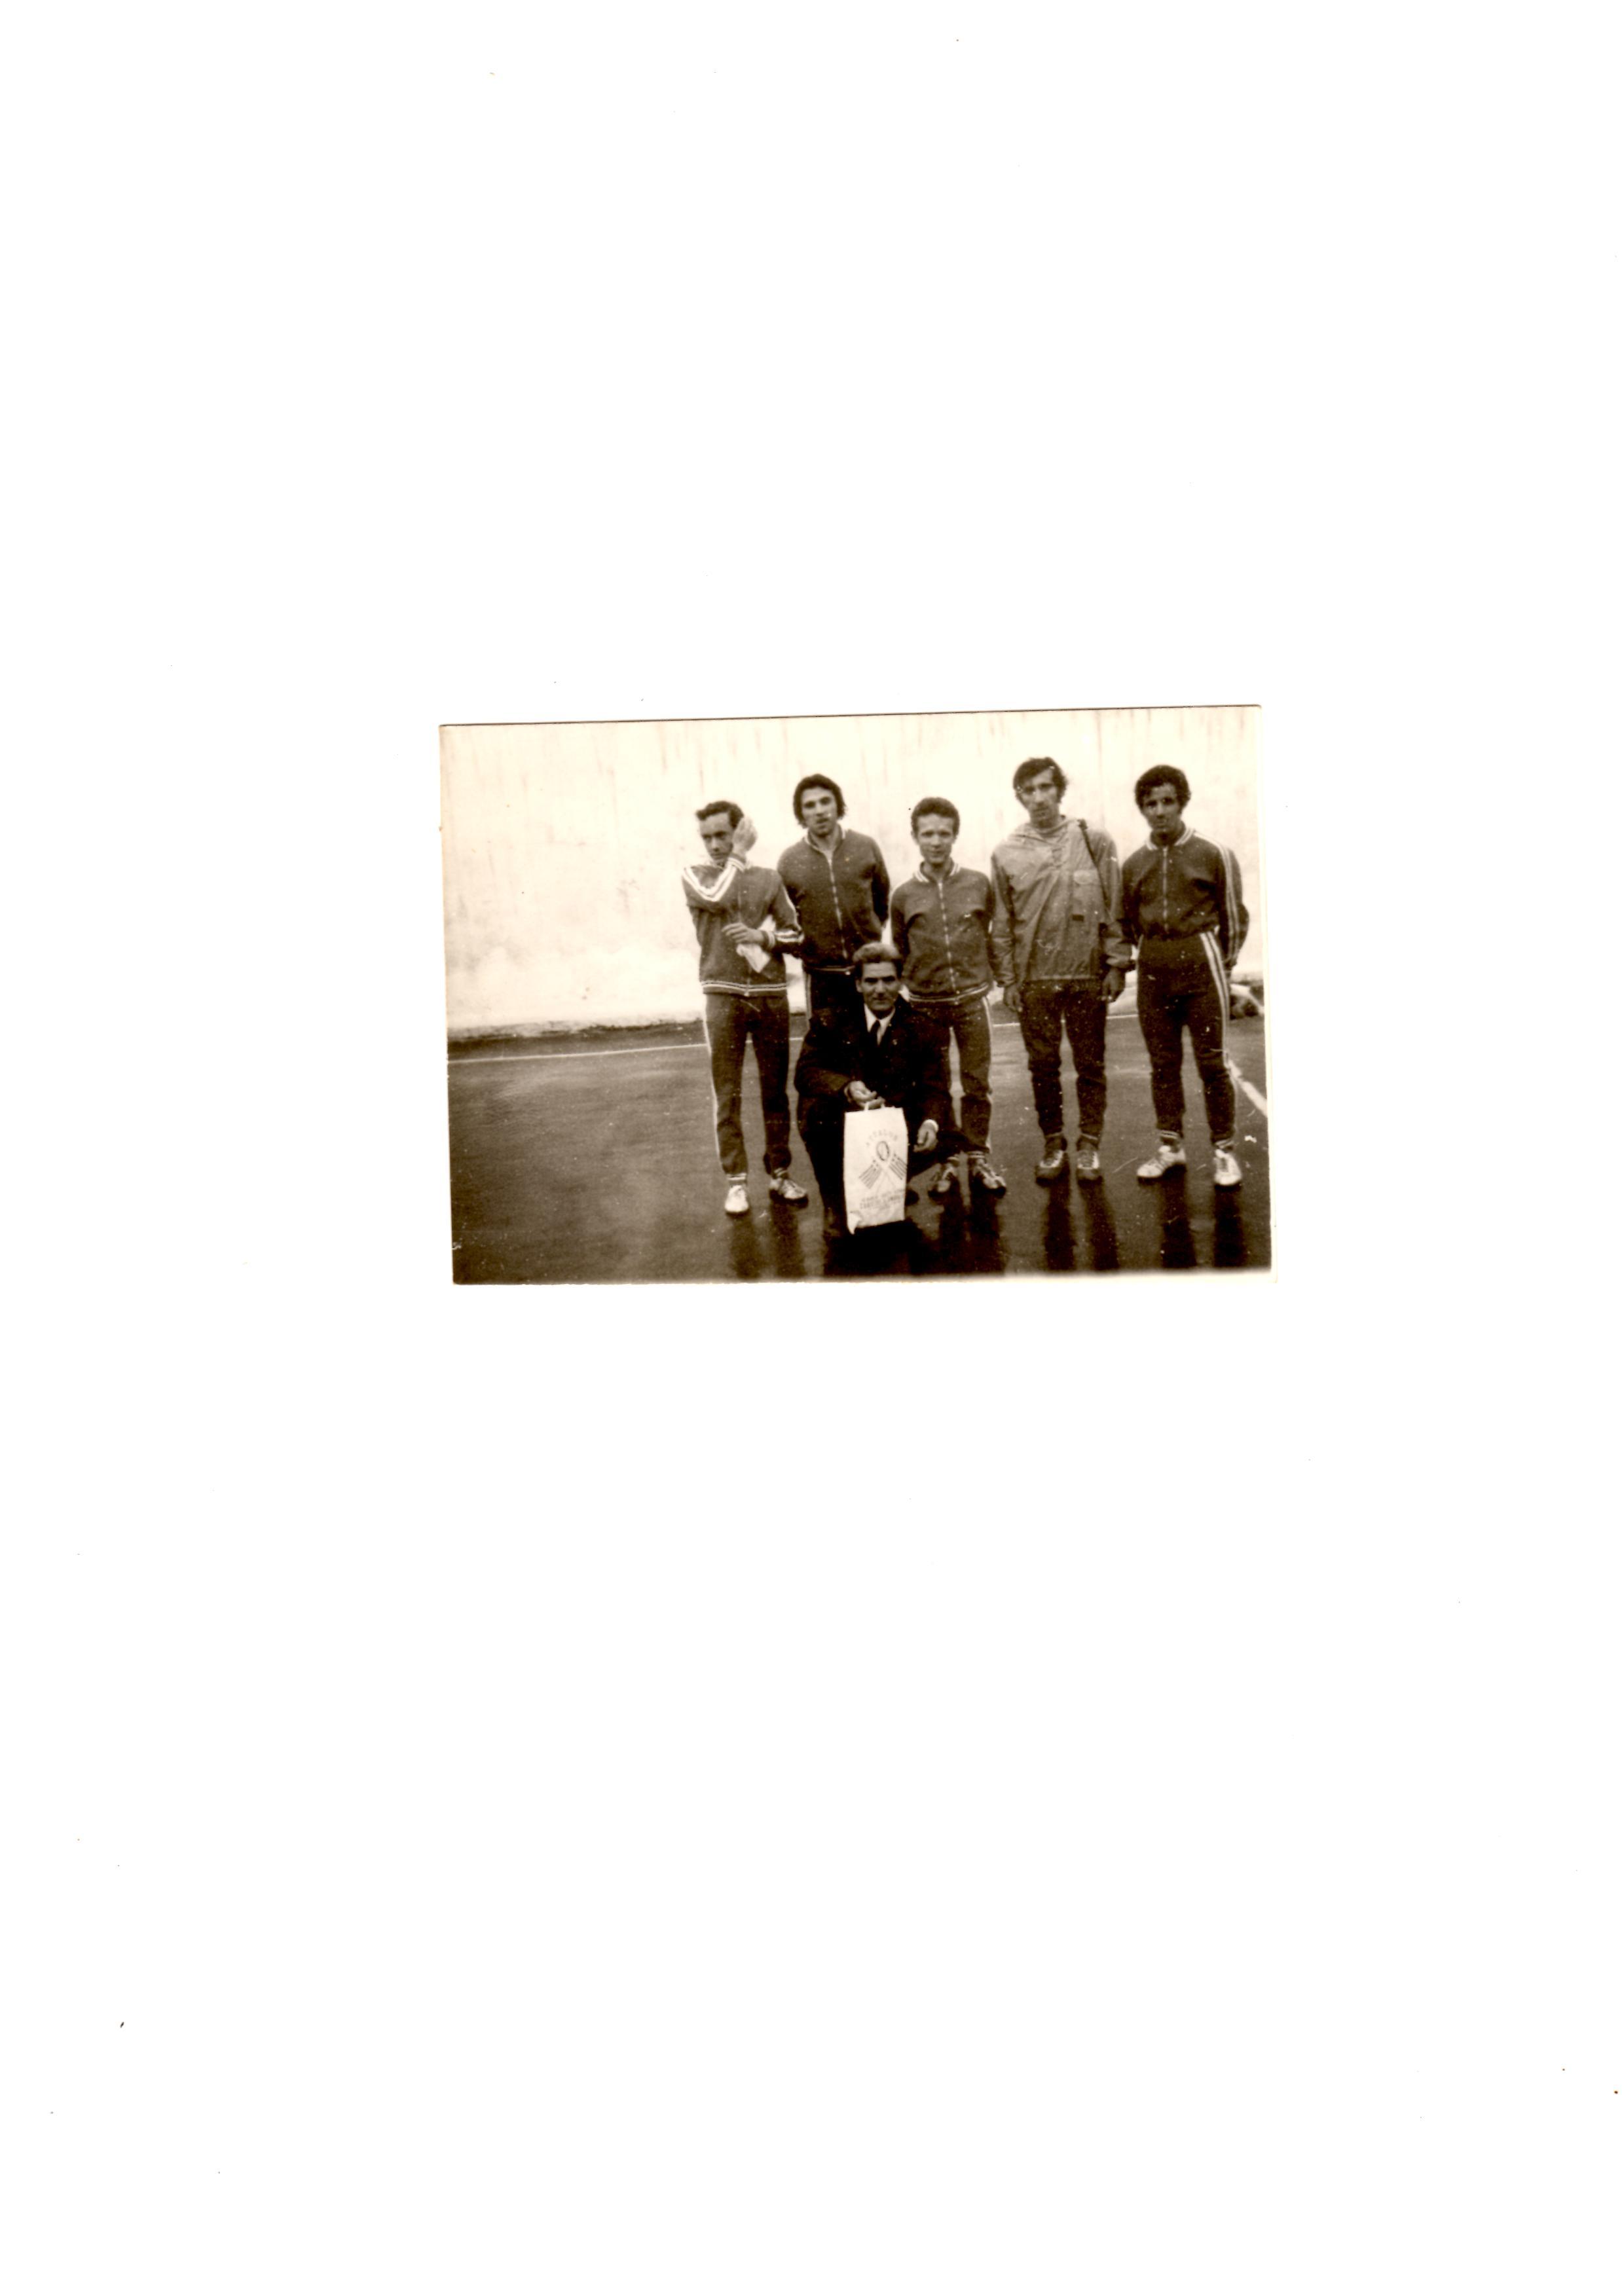 1973..Αθηνα..Η ομαδα μετα τον τερματισμο..με εφορο αγωνισματος και τον αειμνιστο Σ.Κονα (ΦΑΣ Ναουσα)